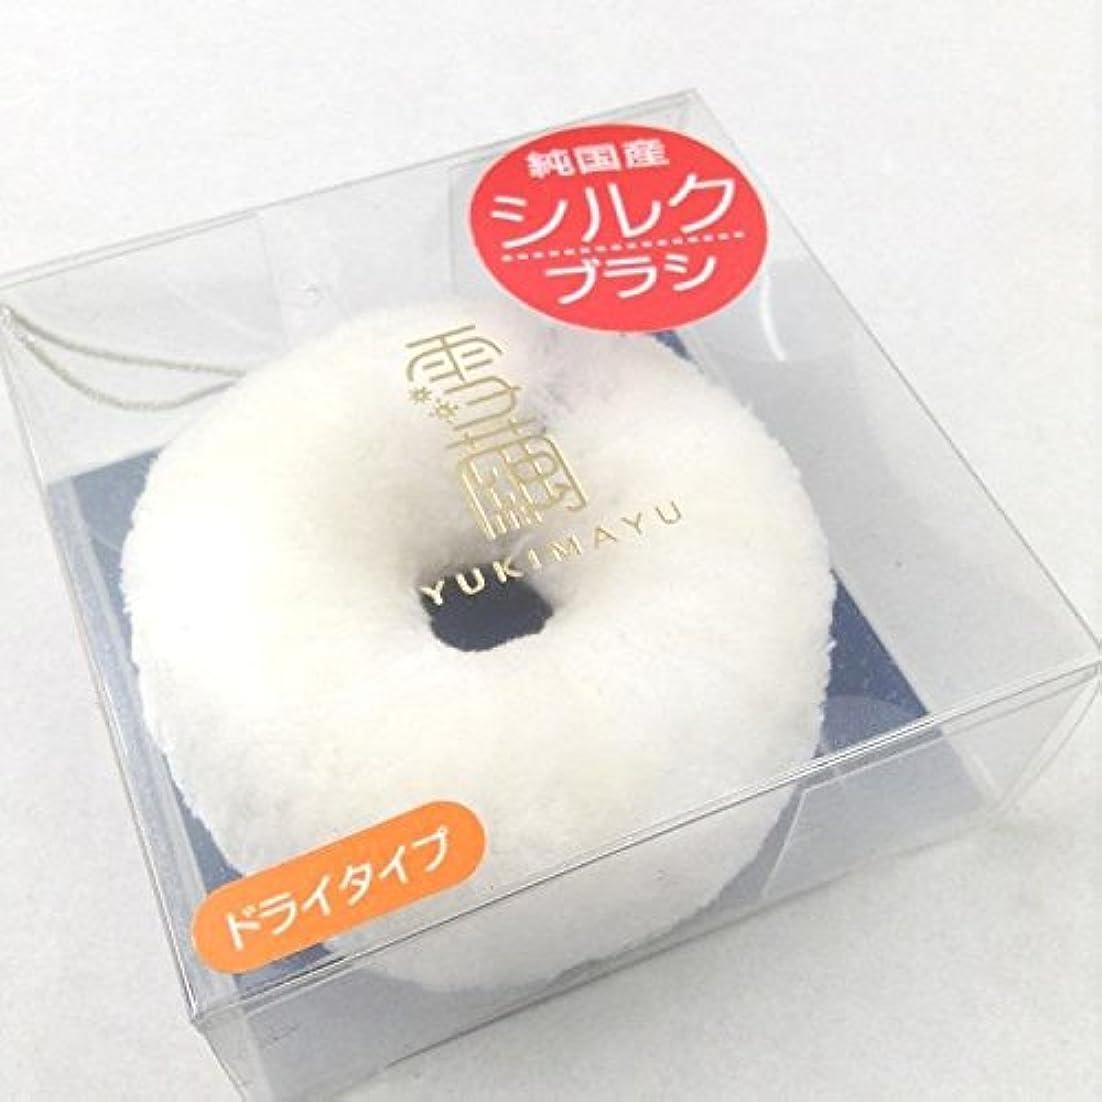 あいまいなかび臭いリマ雪繭 絹 シルクマッサージブラシ 中(M)サイズ 絹糸100% フェイス&ボディー用